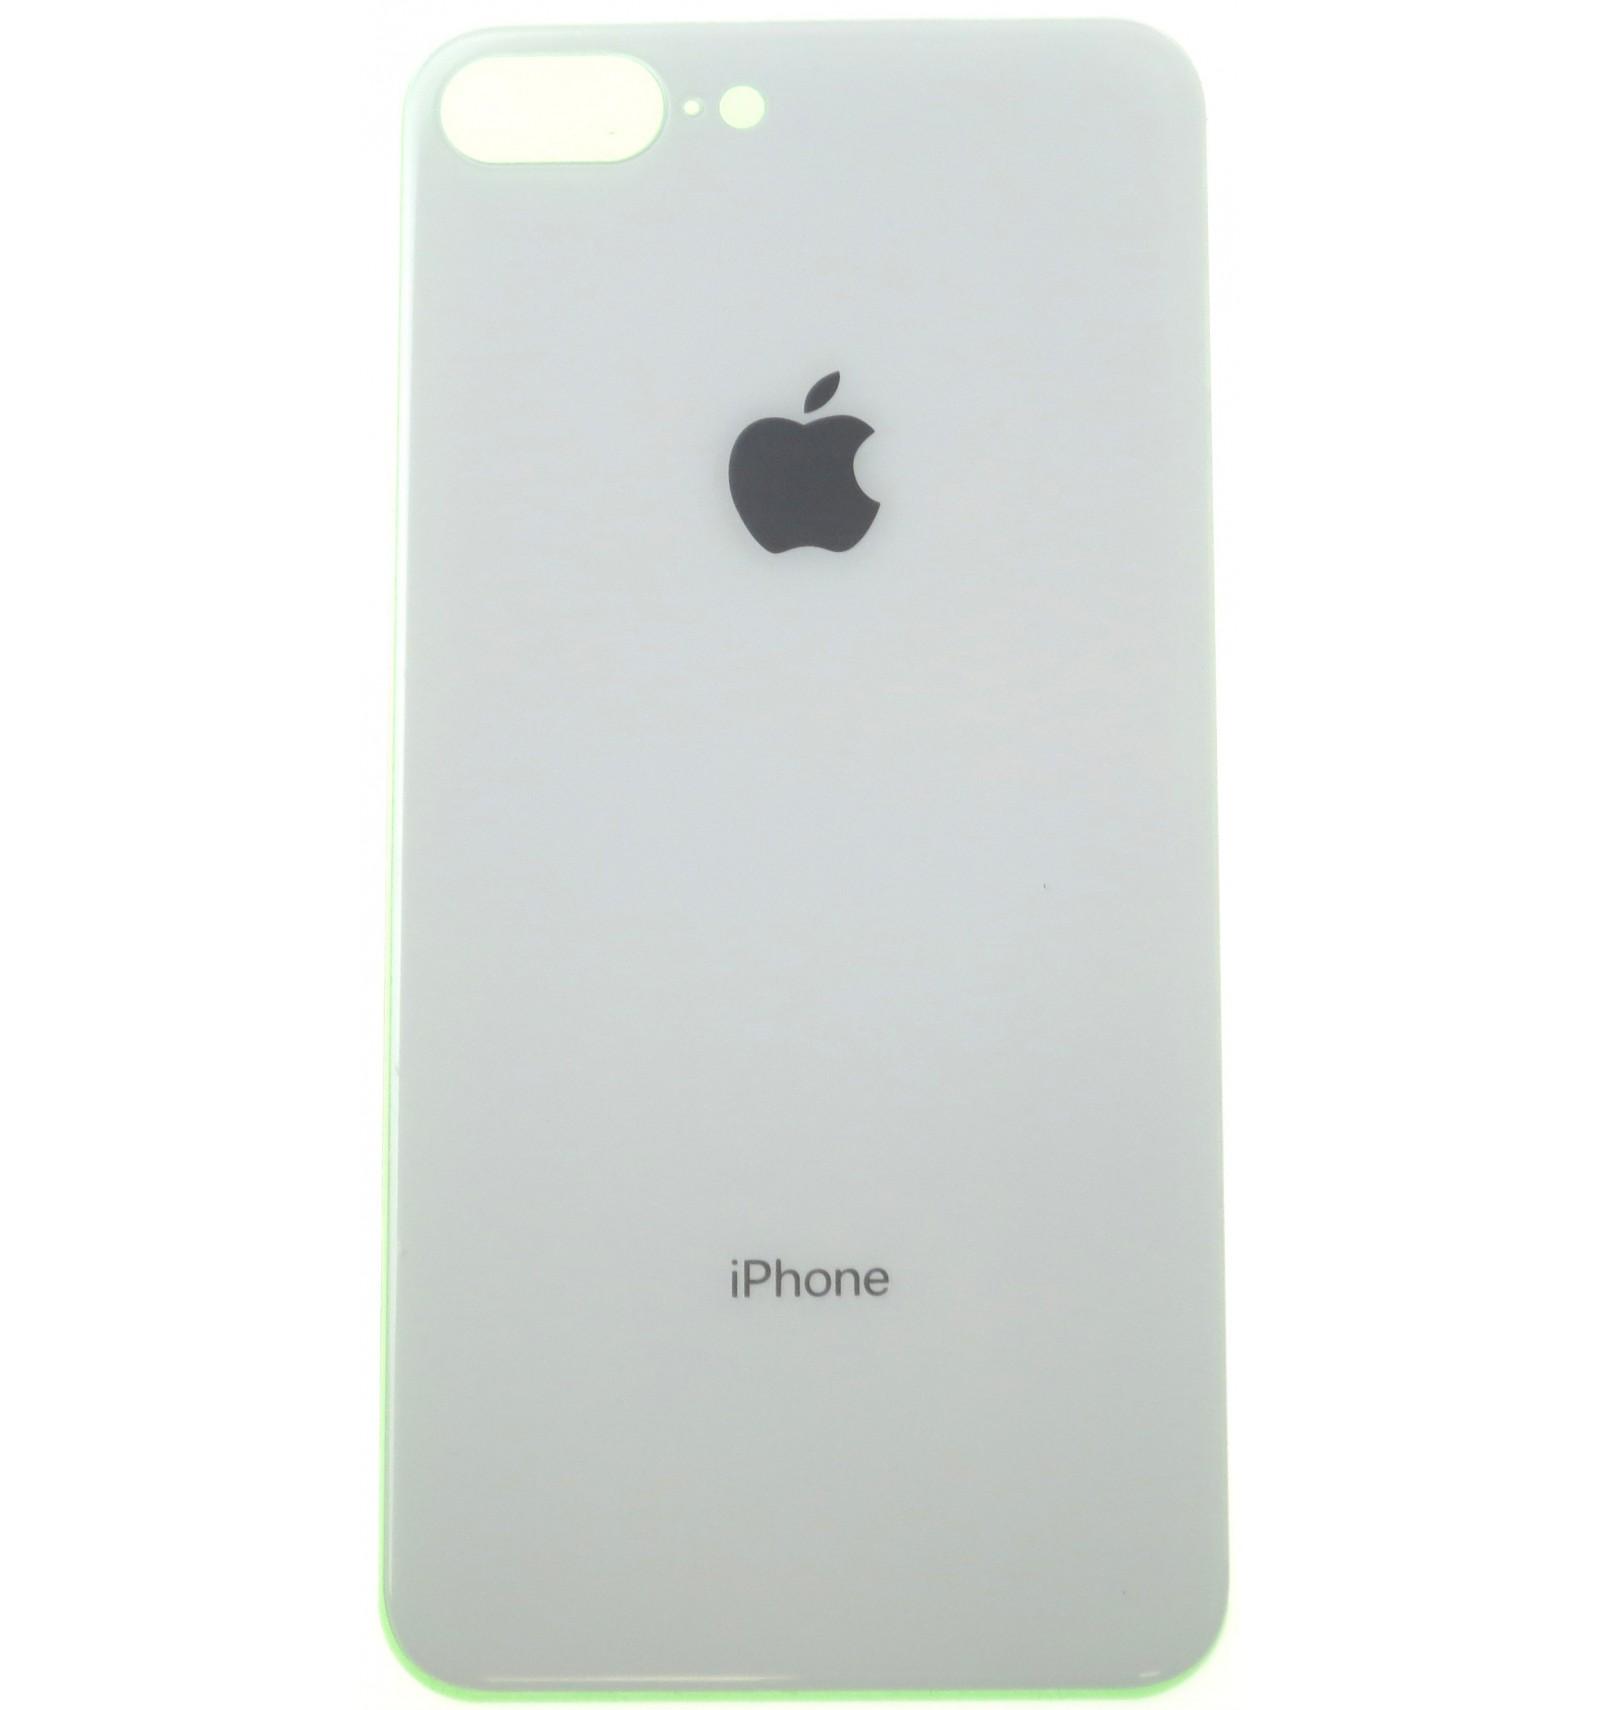 Tampa Bateria Iphone 8 Plus A1864 A1897 A1898 Branco